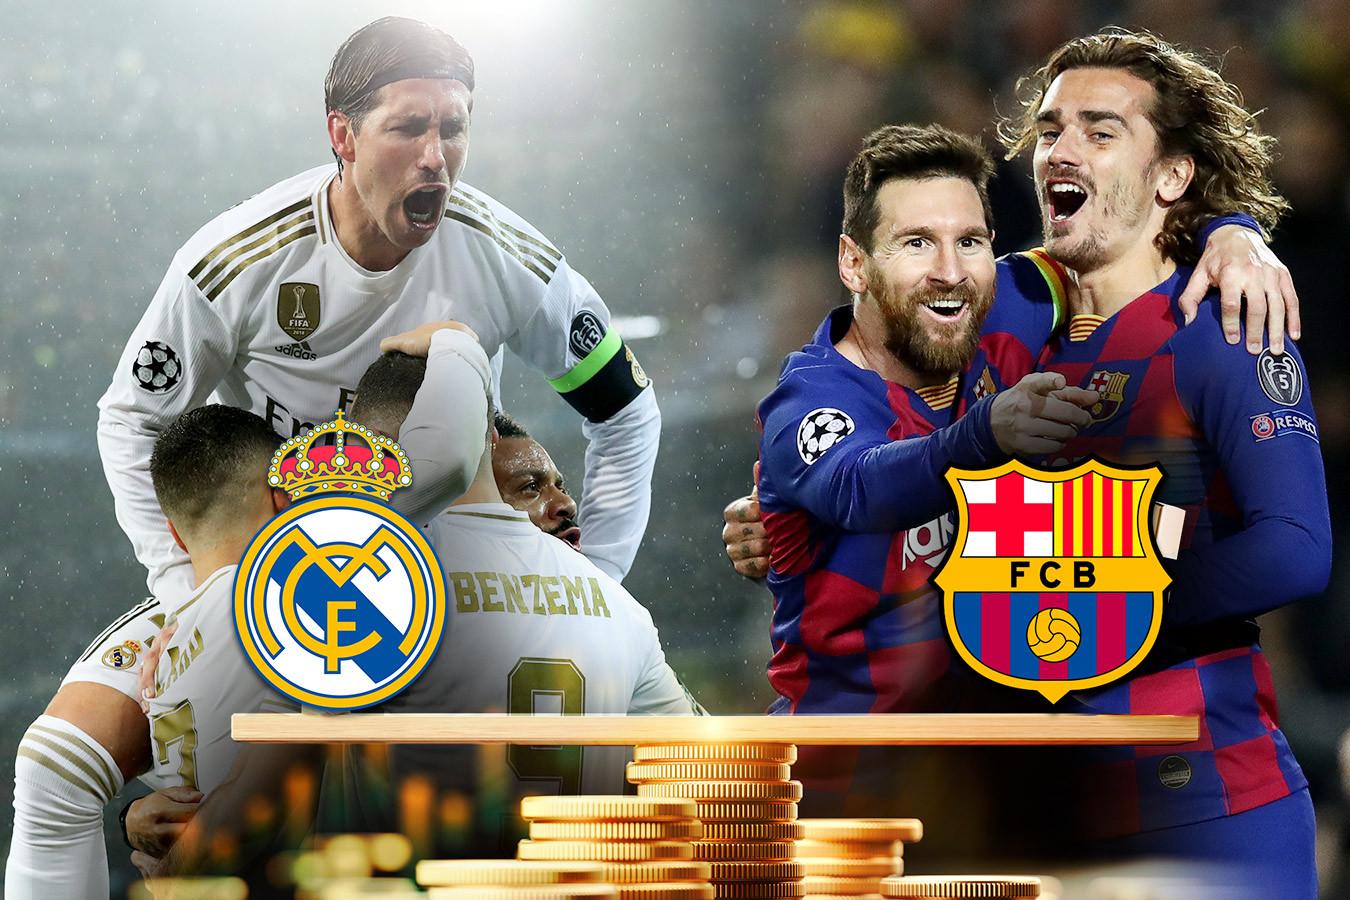 «Телеспорт» и Одноклассники проведут марафон матчей «Реала» и «Барселоны»